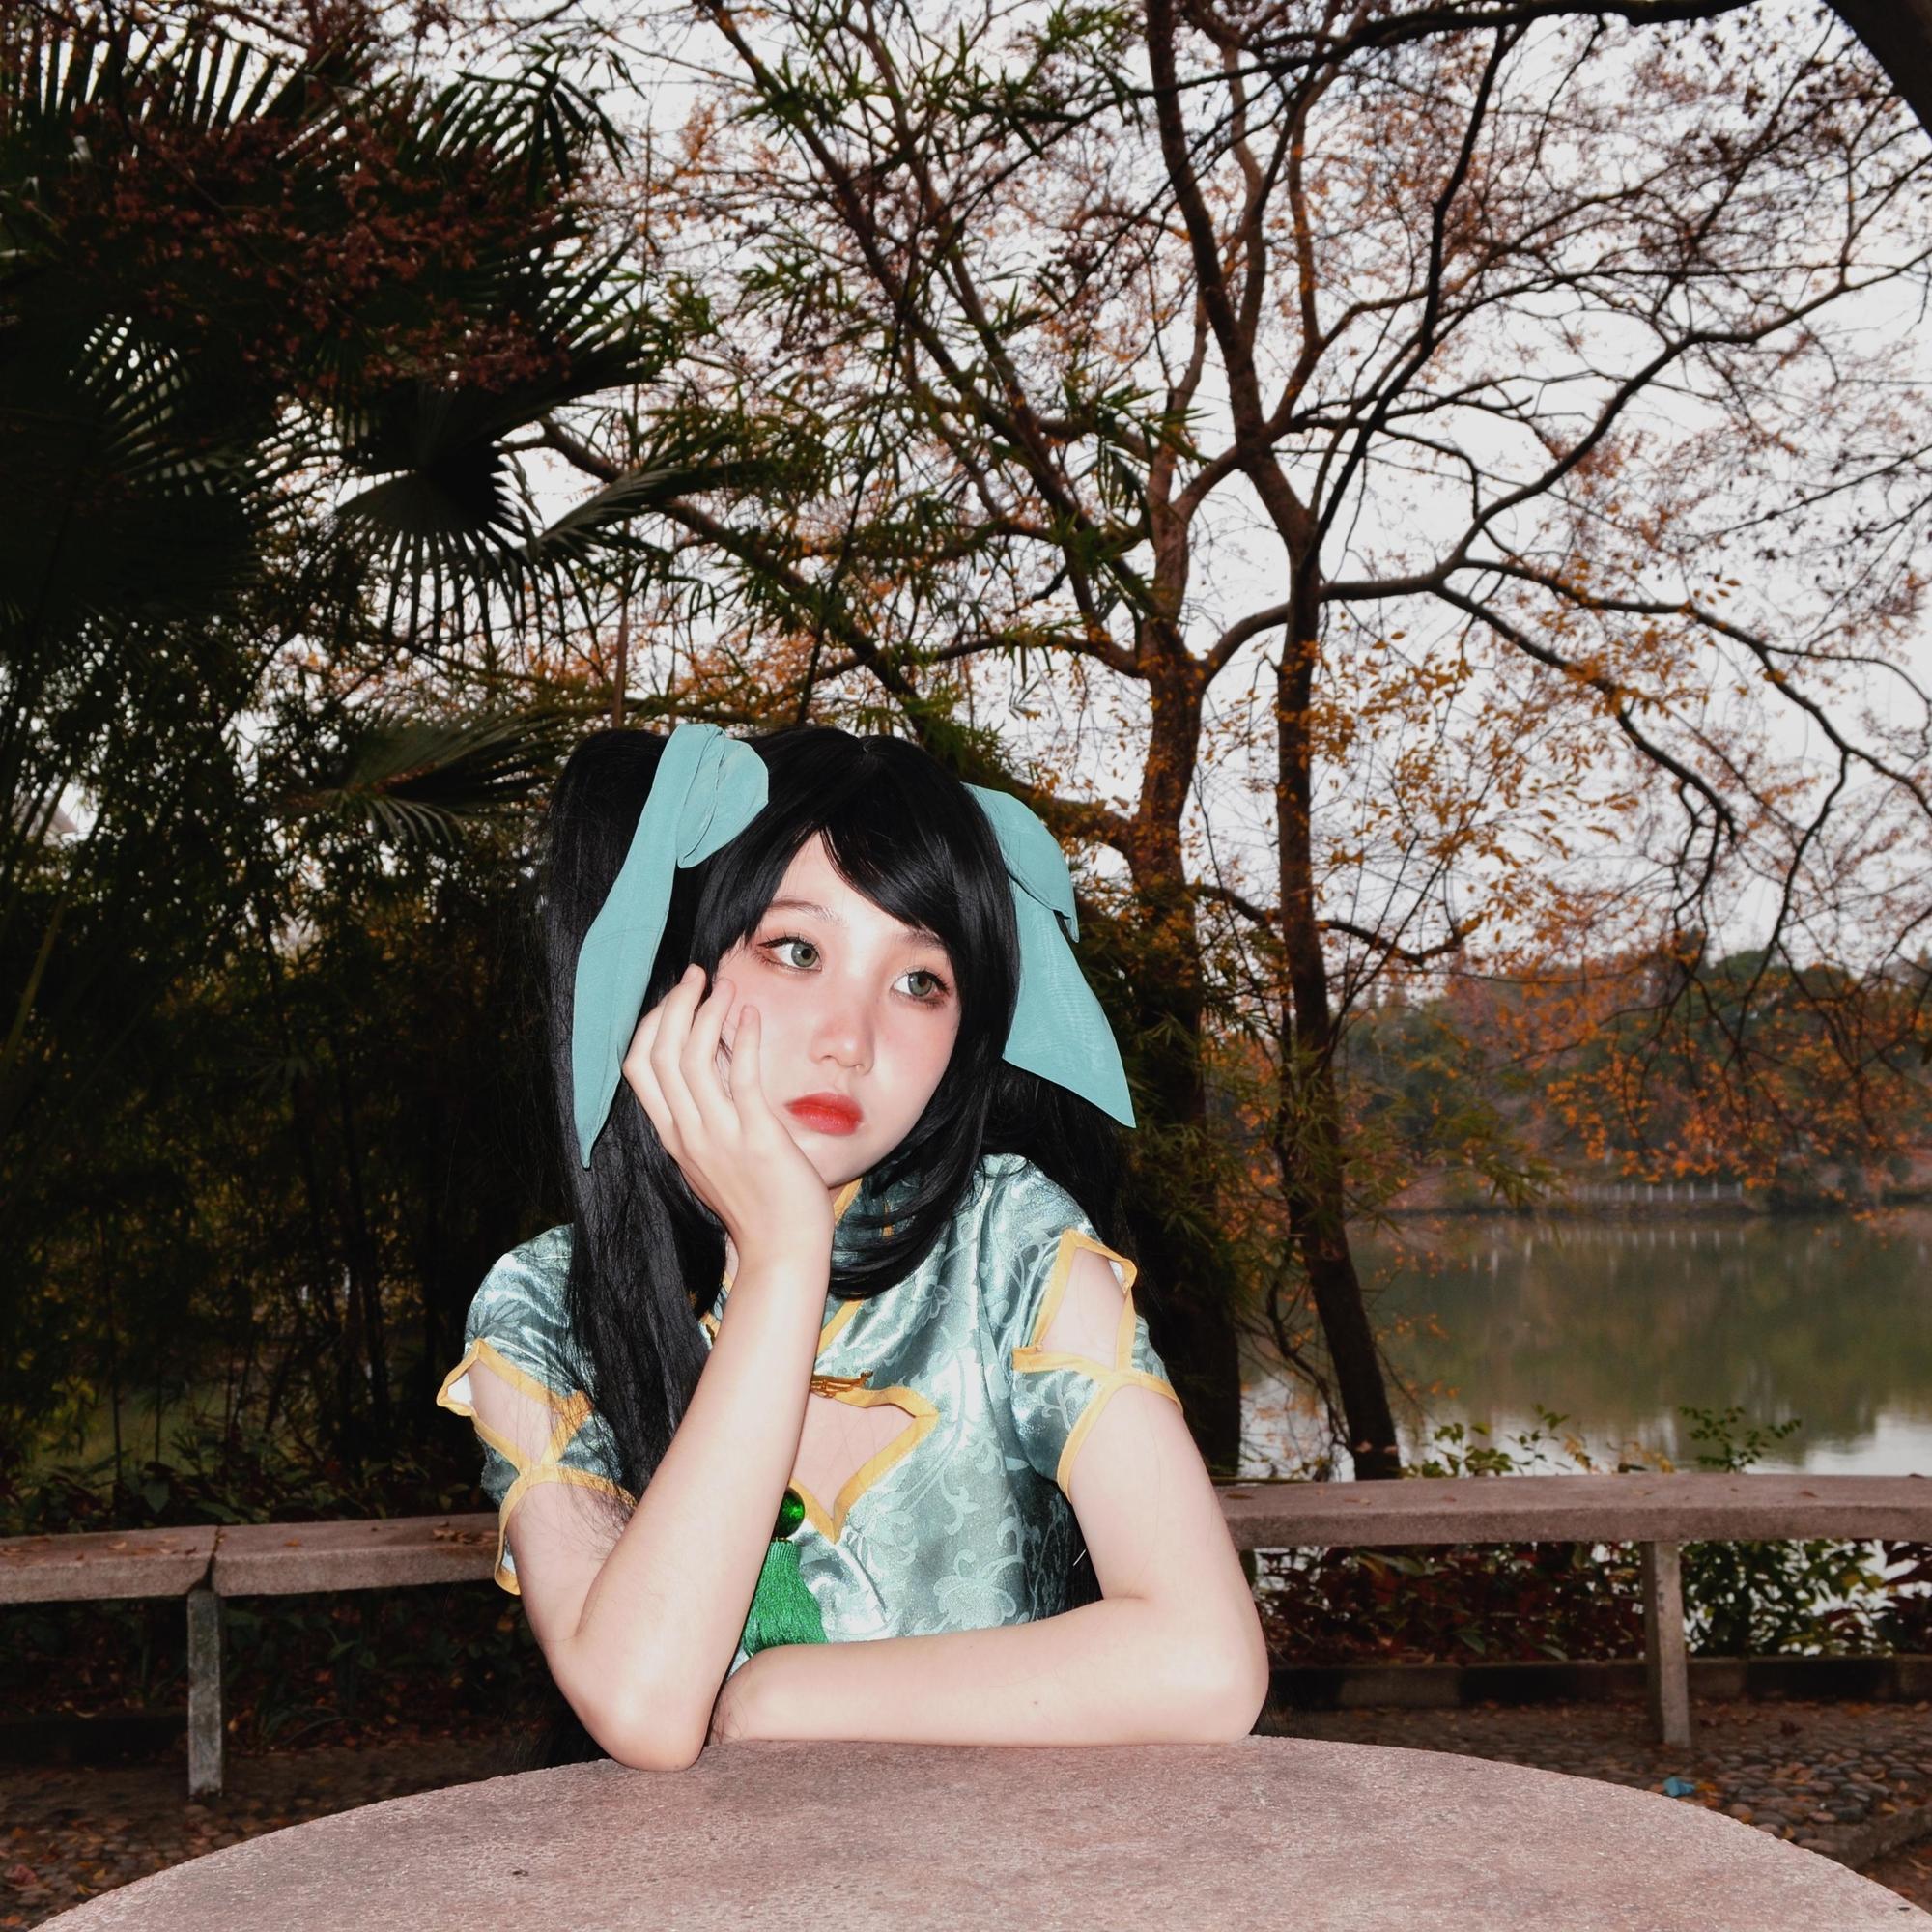 《王者荣耀》孙尚香旗袍cosplay【CN:生姜姜生姜生姜】-第10张